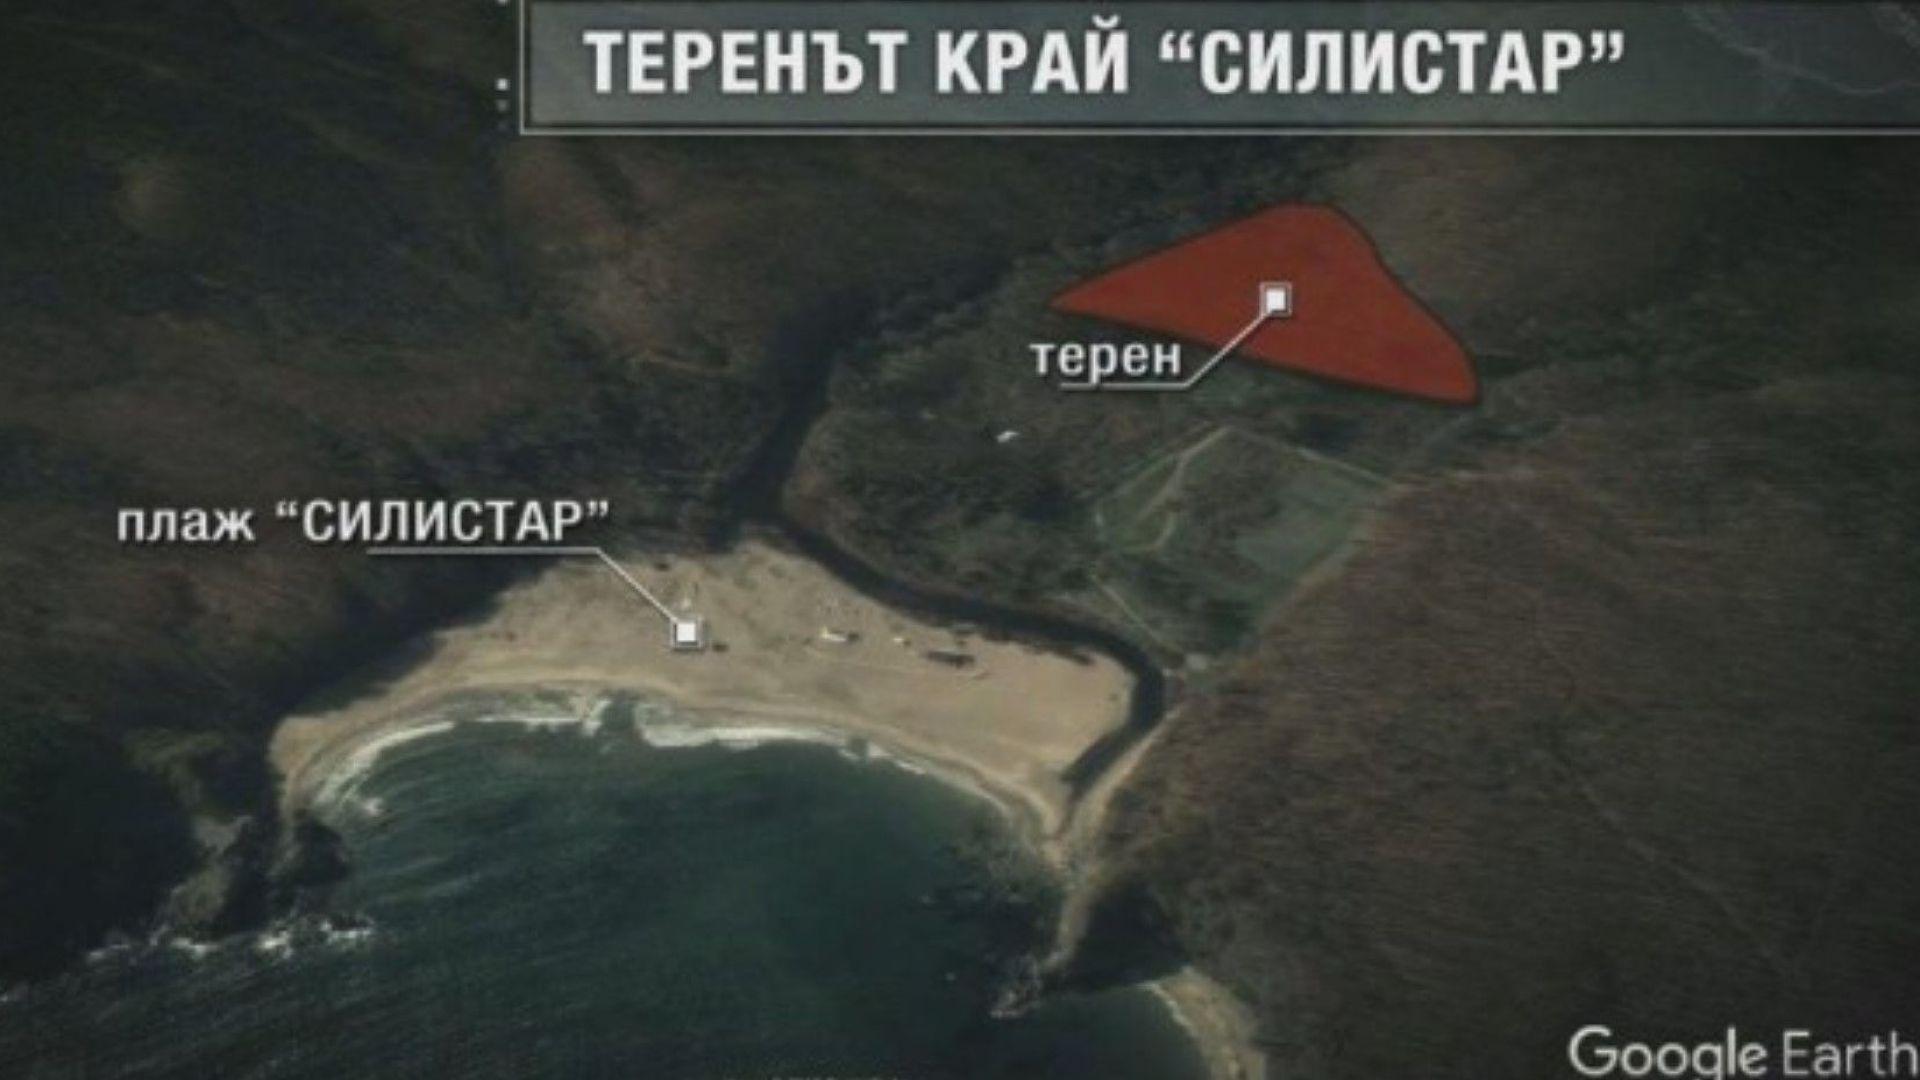 БСП: Абсурд - Борисов нарежда на кмет от ГЕРБ да не слуша общинските си съветници